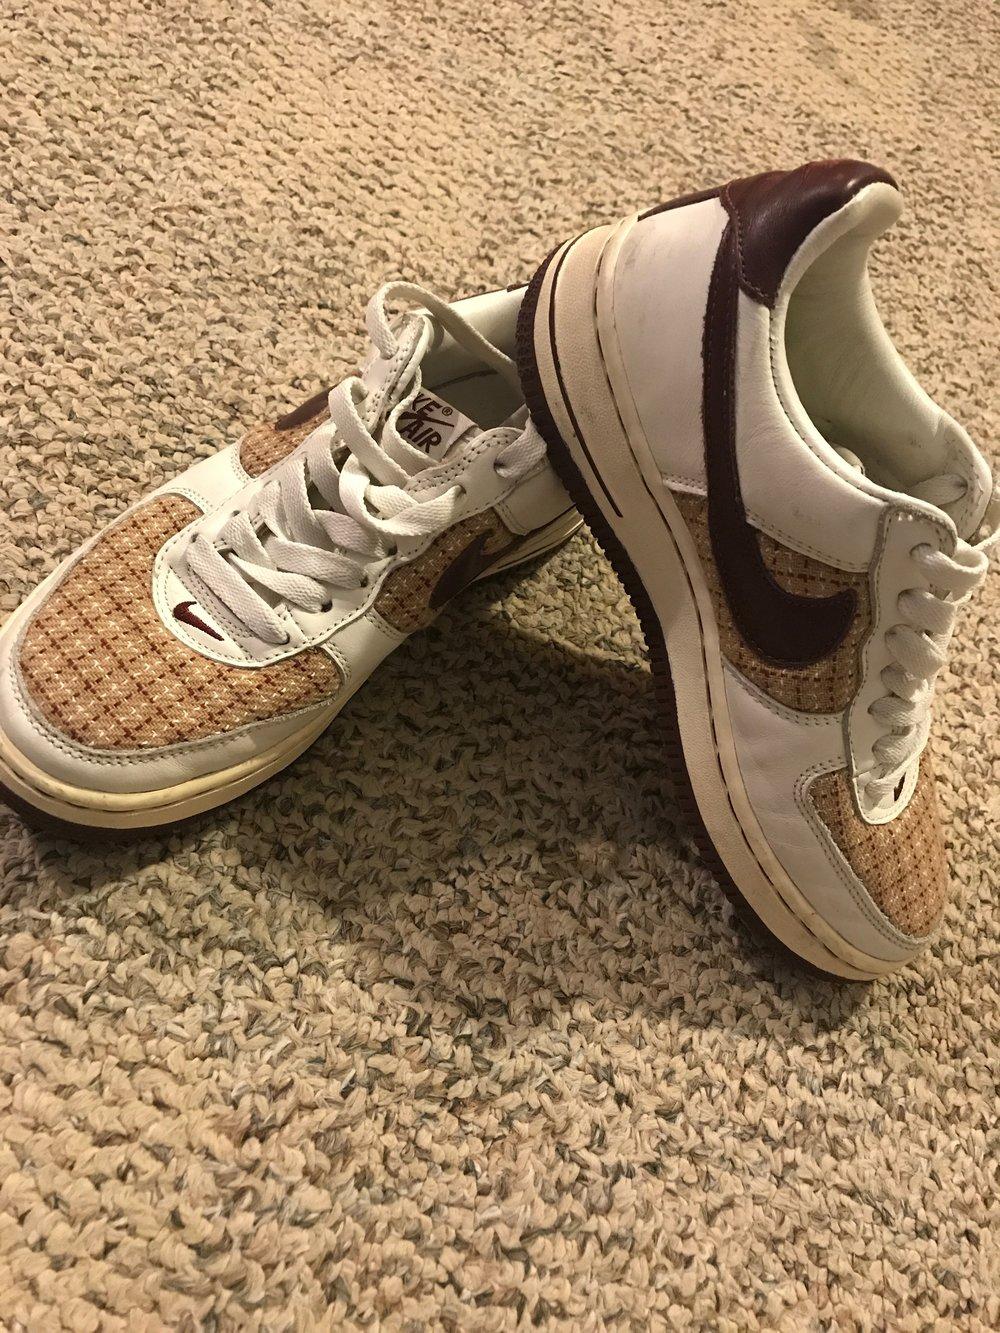 $20 Nike Airforce 1 white/plaid/maroon - Women's Size 6.5RETAIL: $105